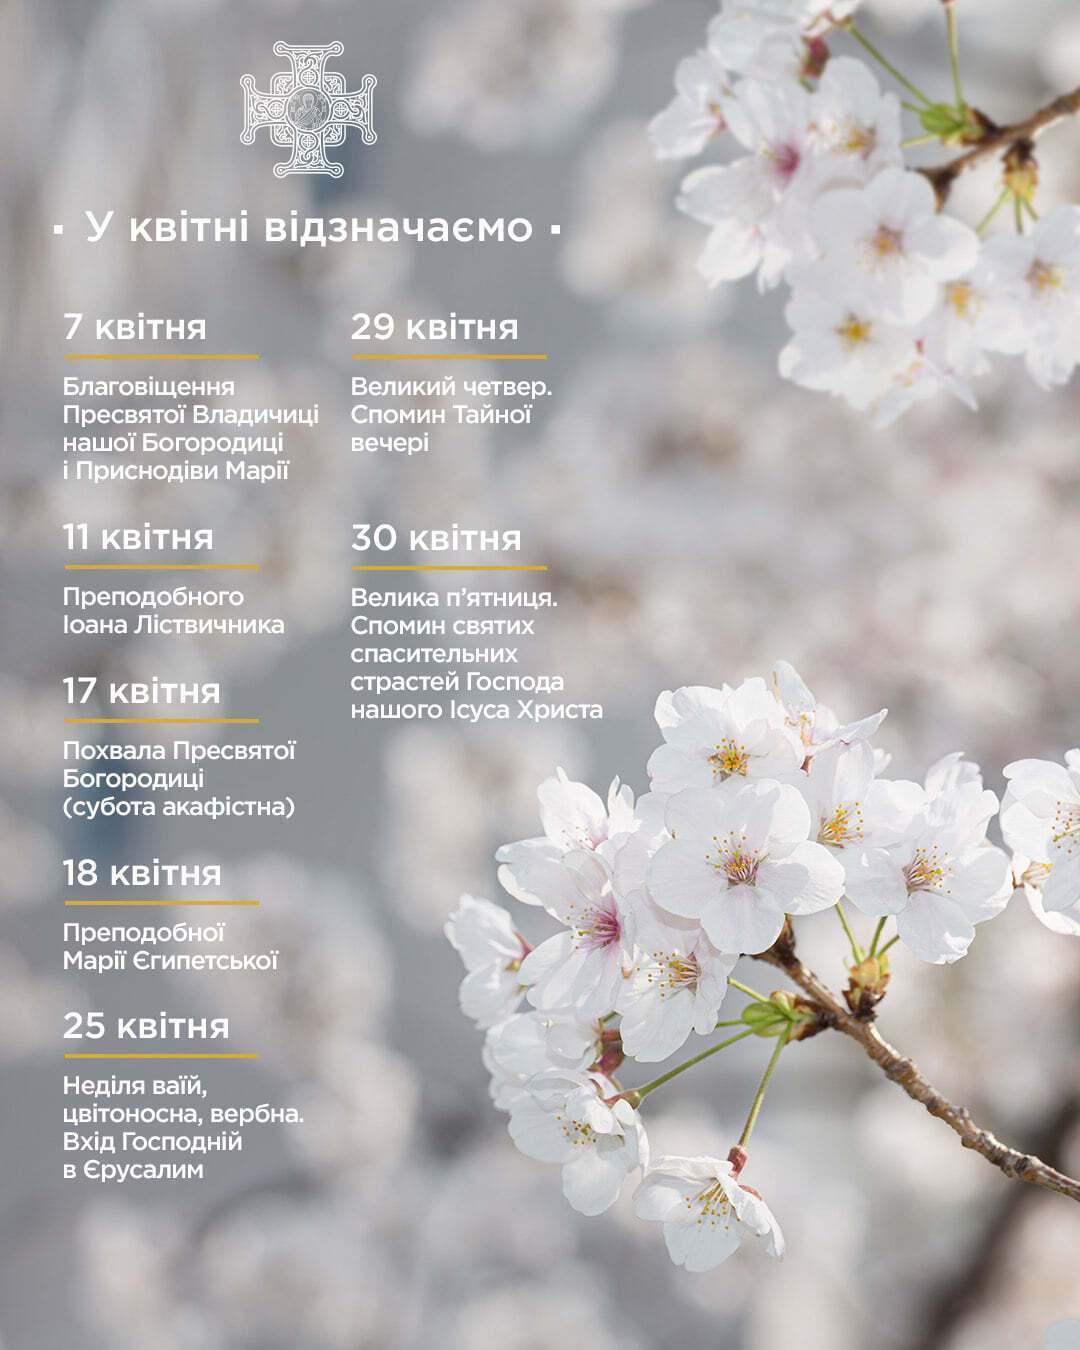 В апреле 2021 года отмечаются несколько значимых церковных праздников